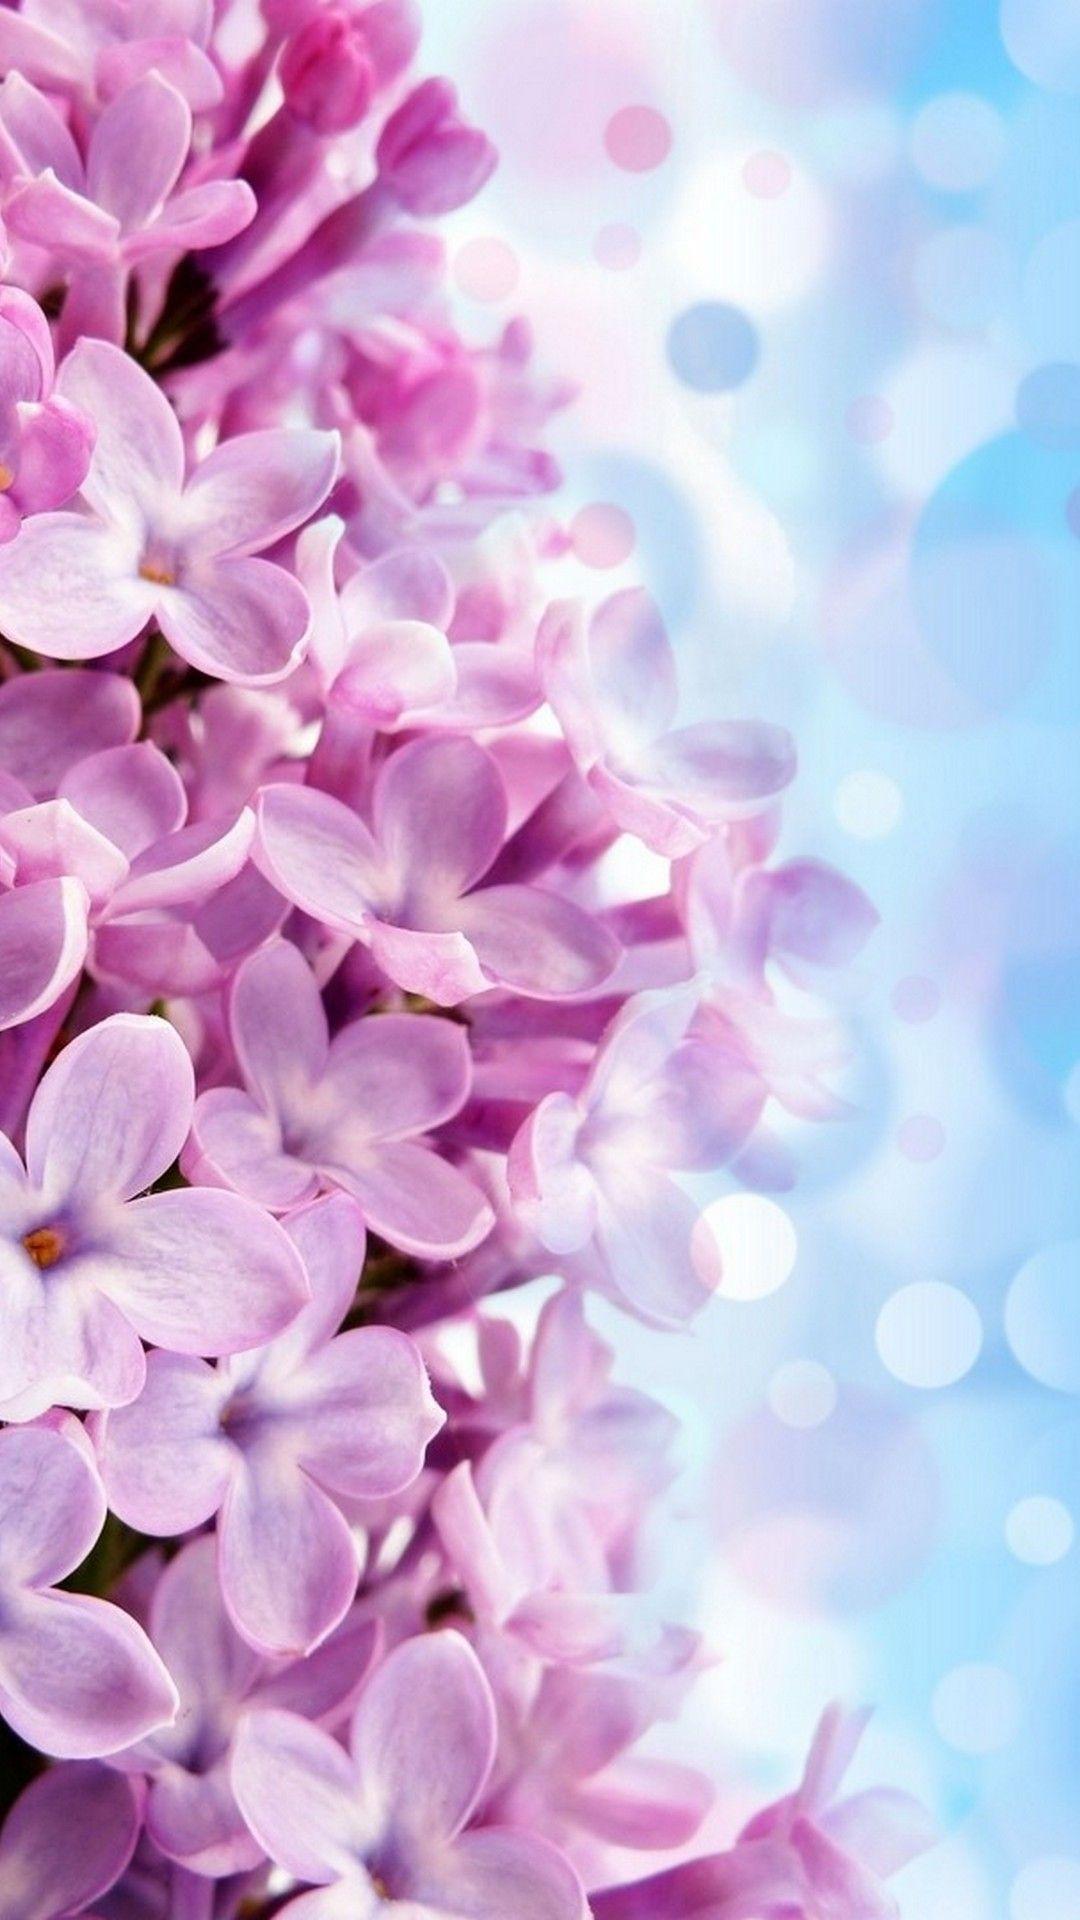 iPhone Wallpaper HD Purple Flowers Best HD Wallpapers